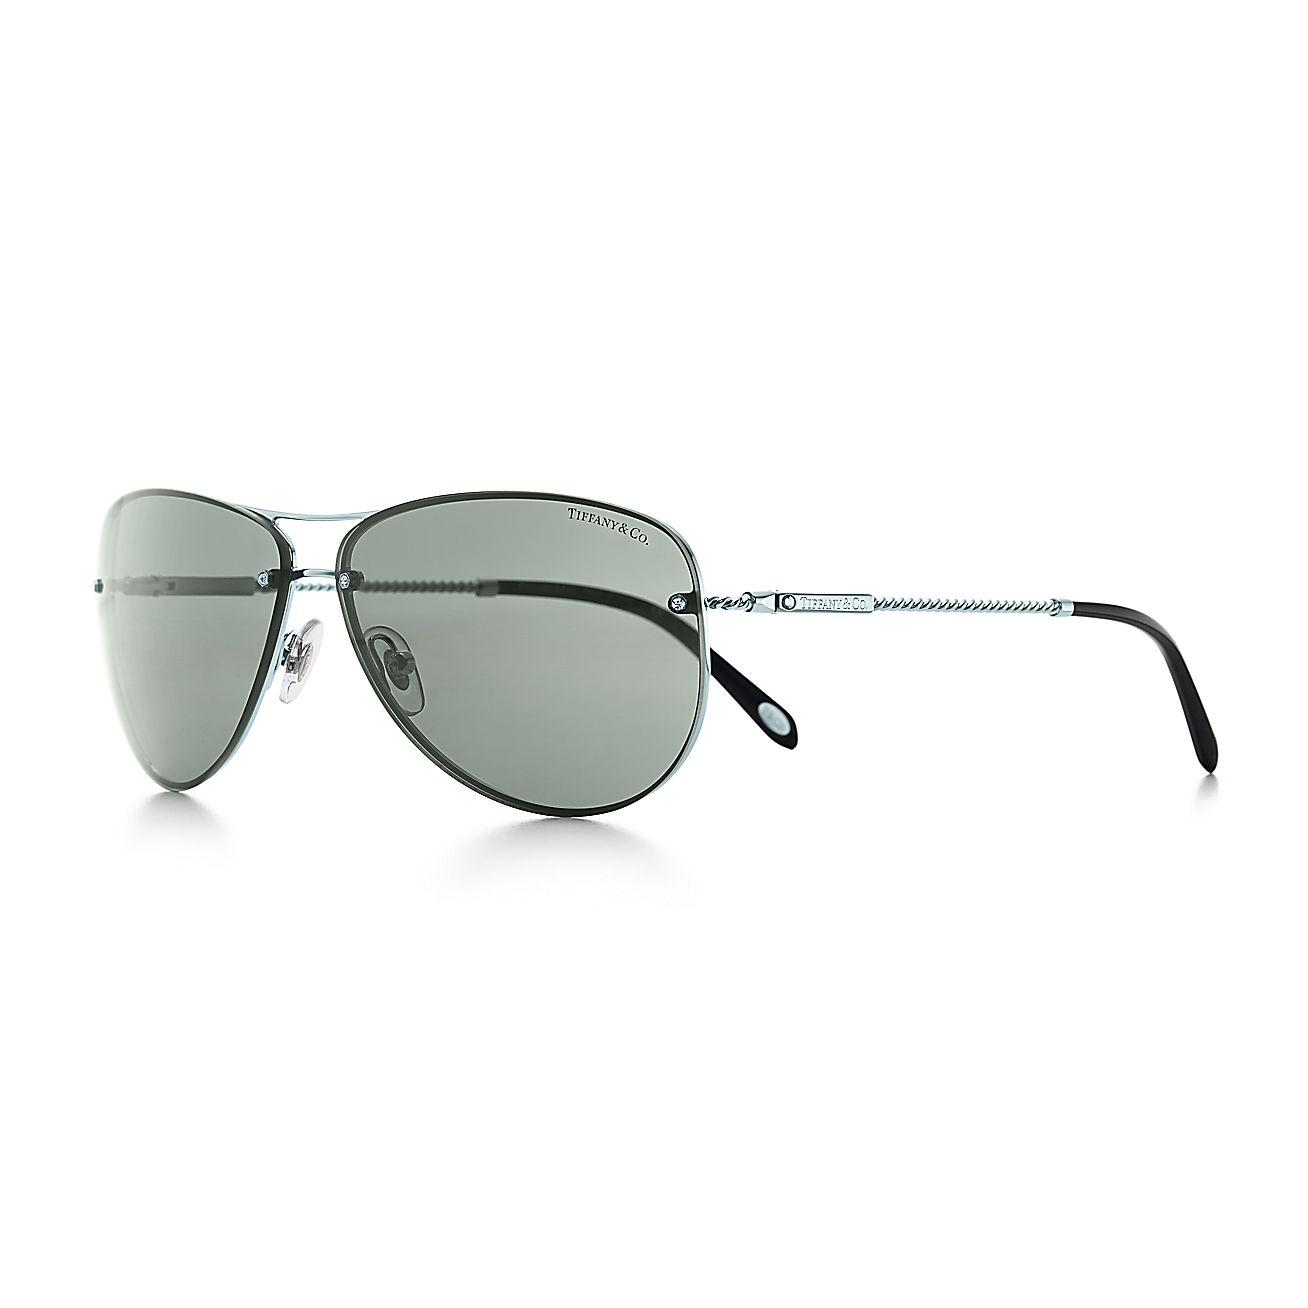 e44a63b07e Tiffany Aviator Sunglasses Silver « Heritage Malta